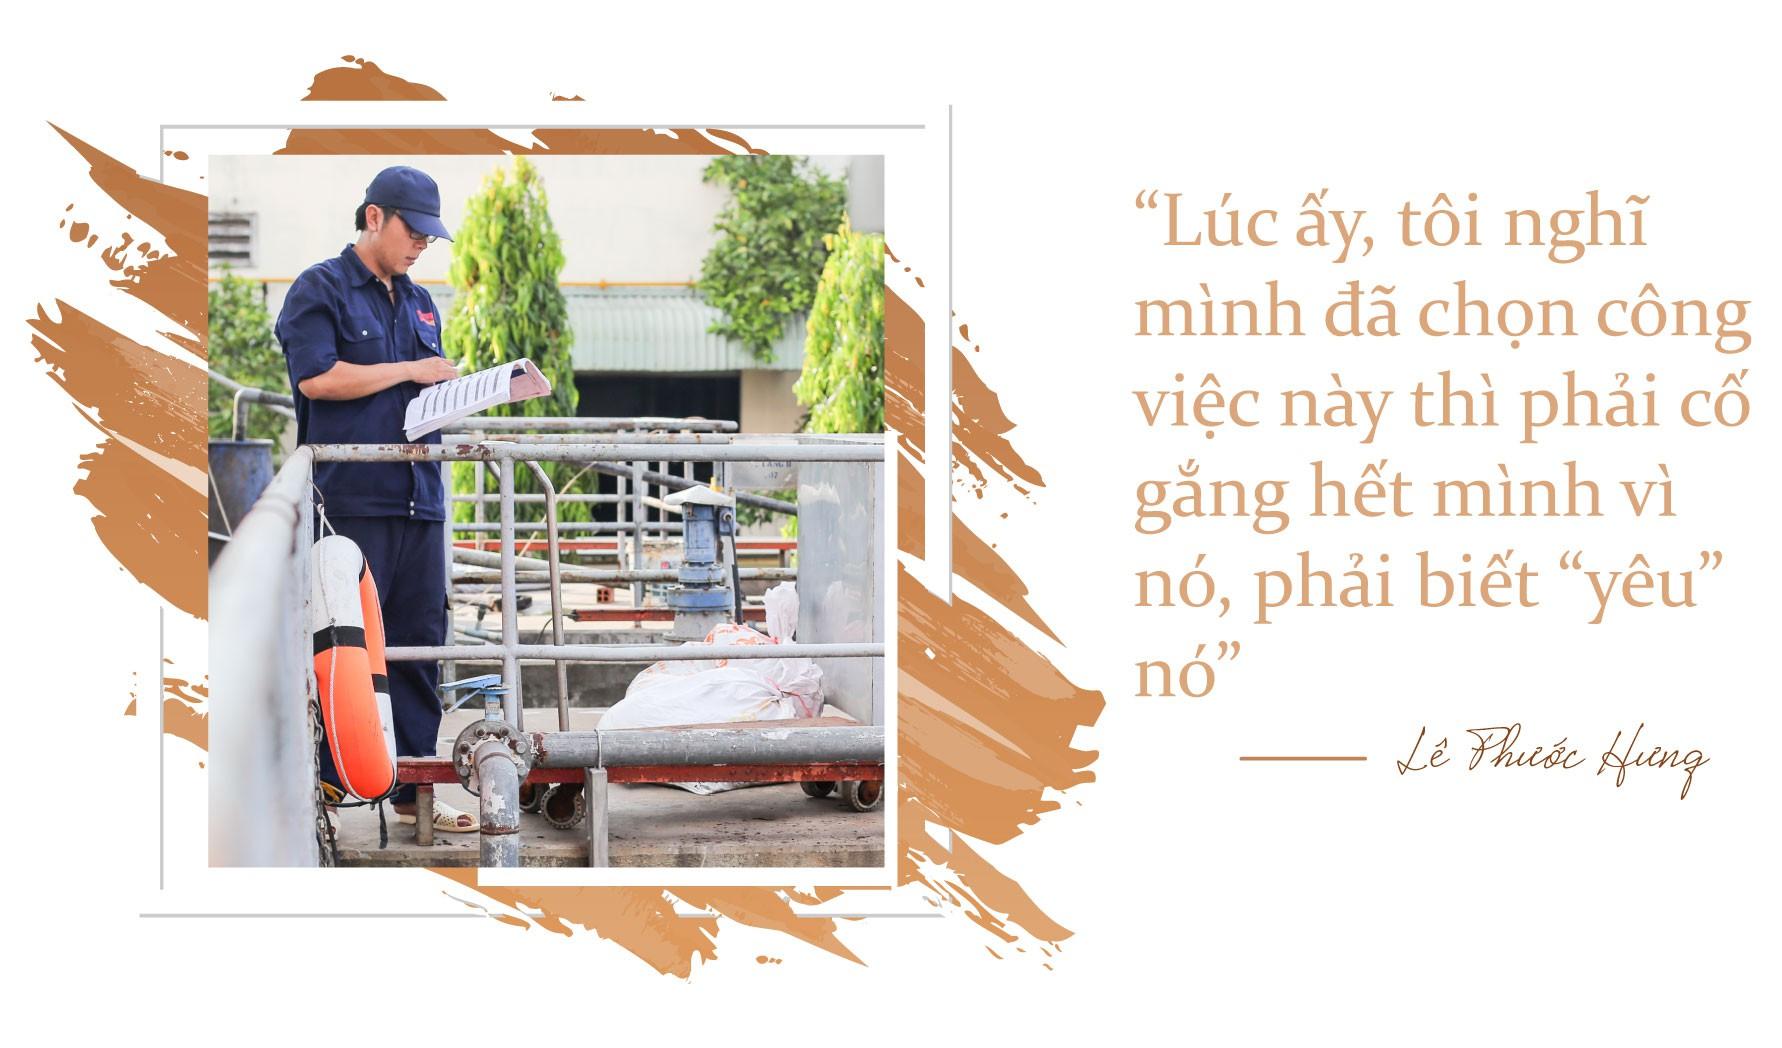 (eMagazine) - Công nhân Lê Phước Hưng: Luôn luôn học hỏi để phát triển bản thân - Ảnh 3.